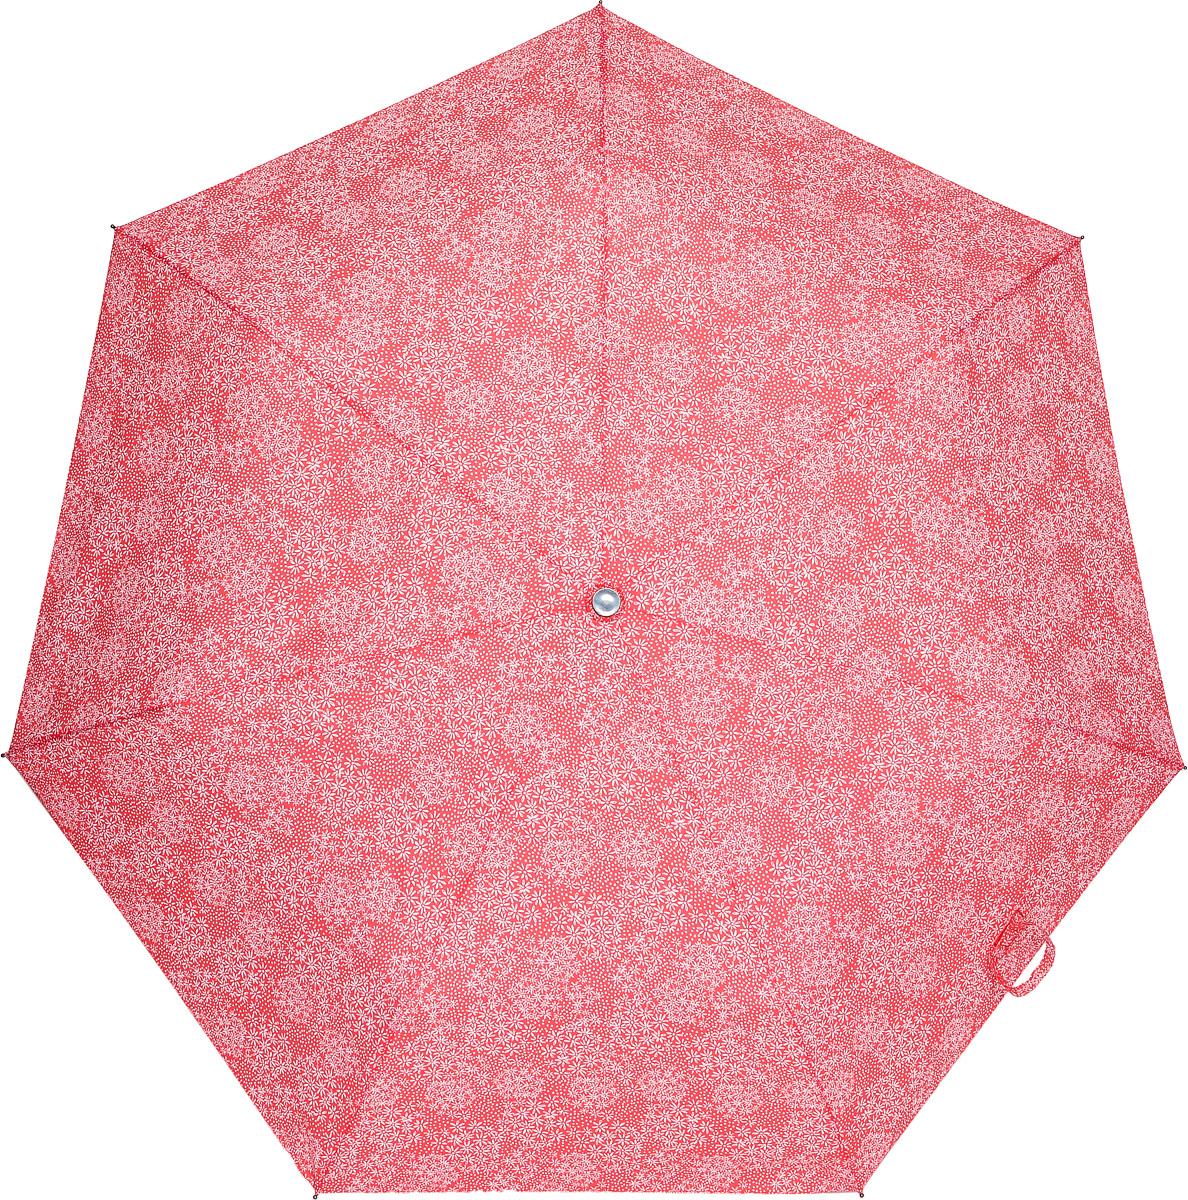 C-Collection 534-1 Зонт полный автом. 3 сл. жен.REM12-GREYЗонт испанского производителя Clima. В производстве зонтов используются современные материалы, что делает зонты легкими, но в то же время крепкими. Полный автомат, 3 сложения, 7 спиц, полиэстер.